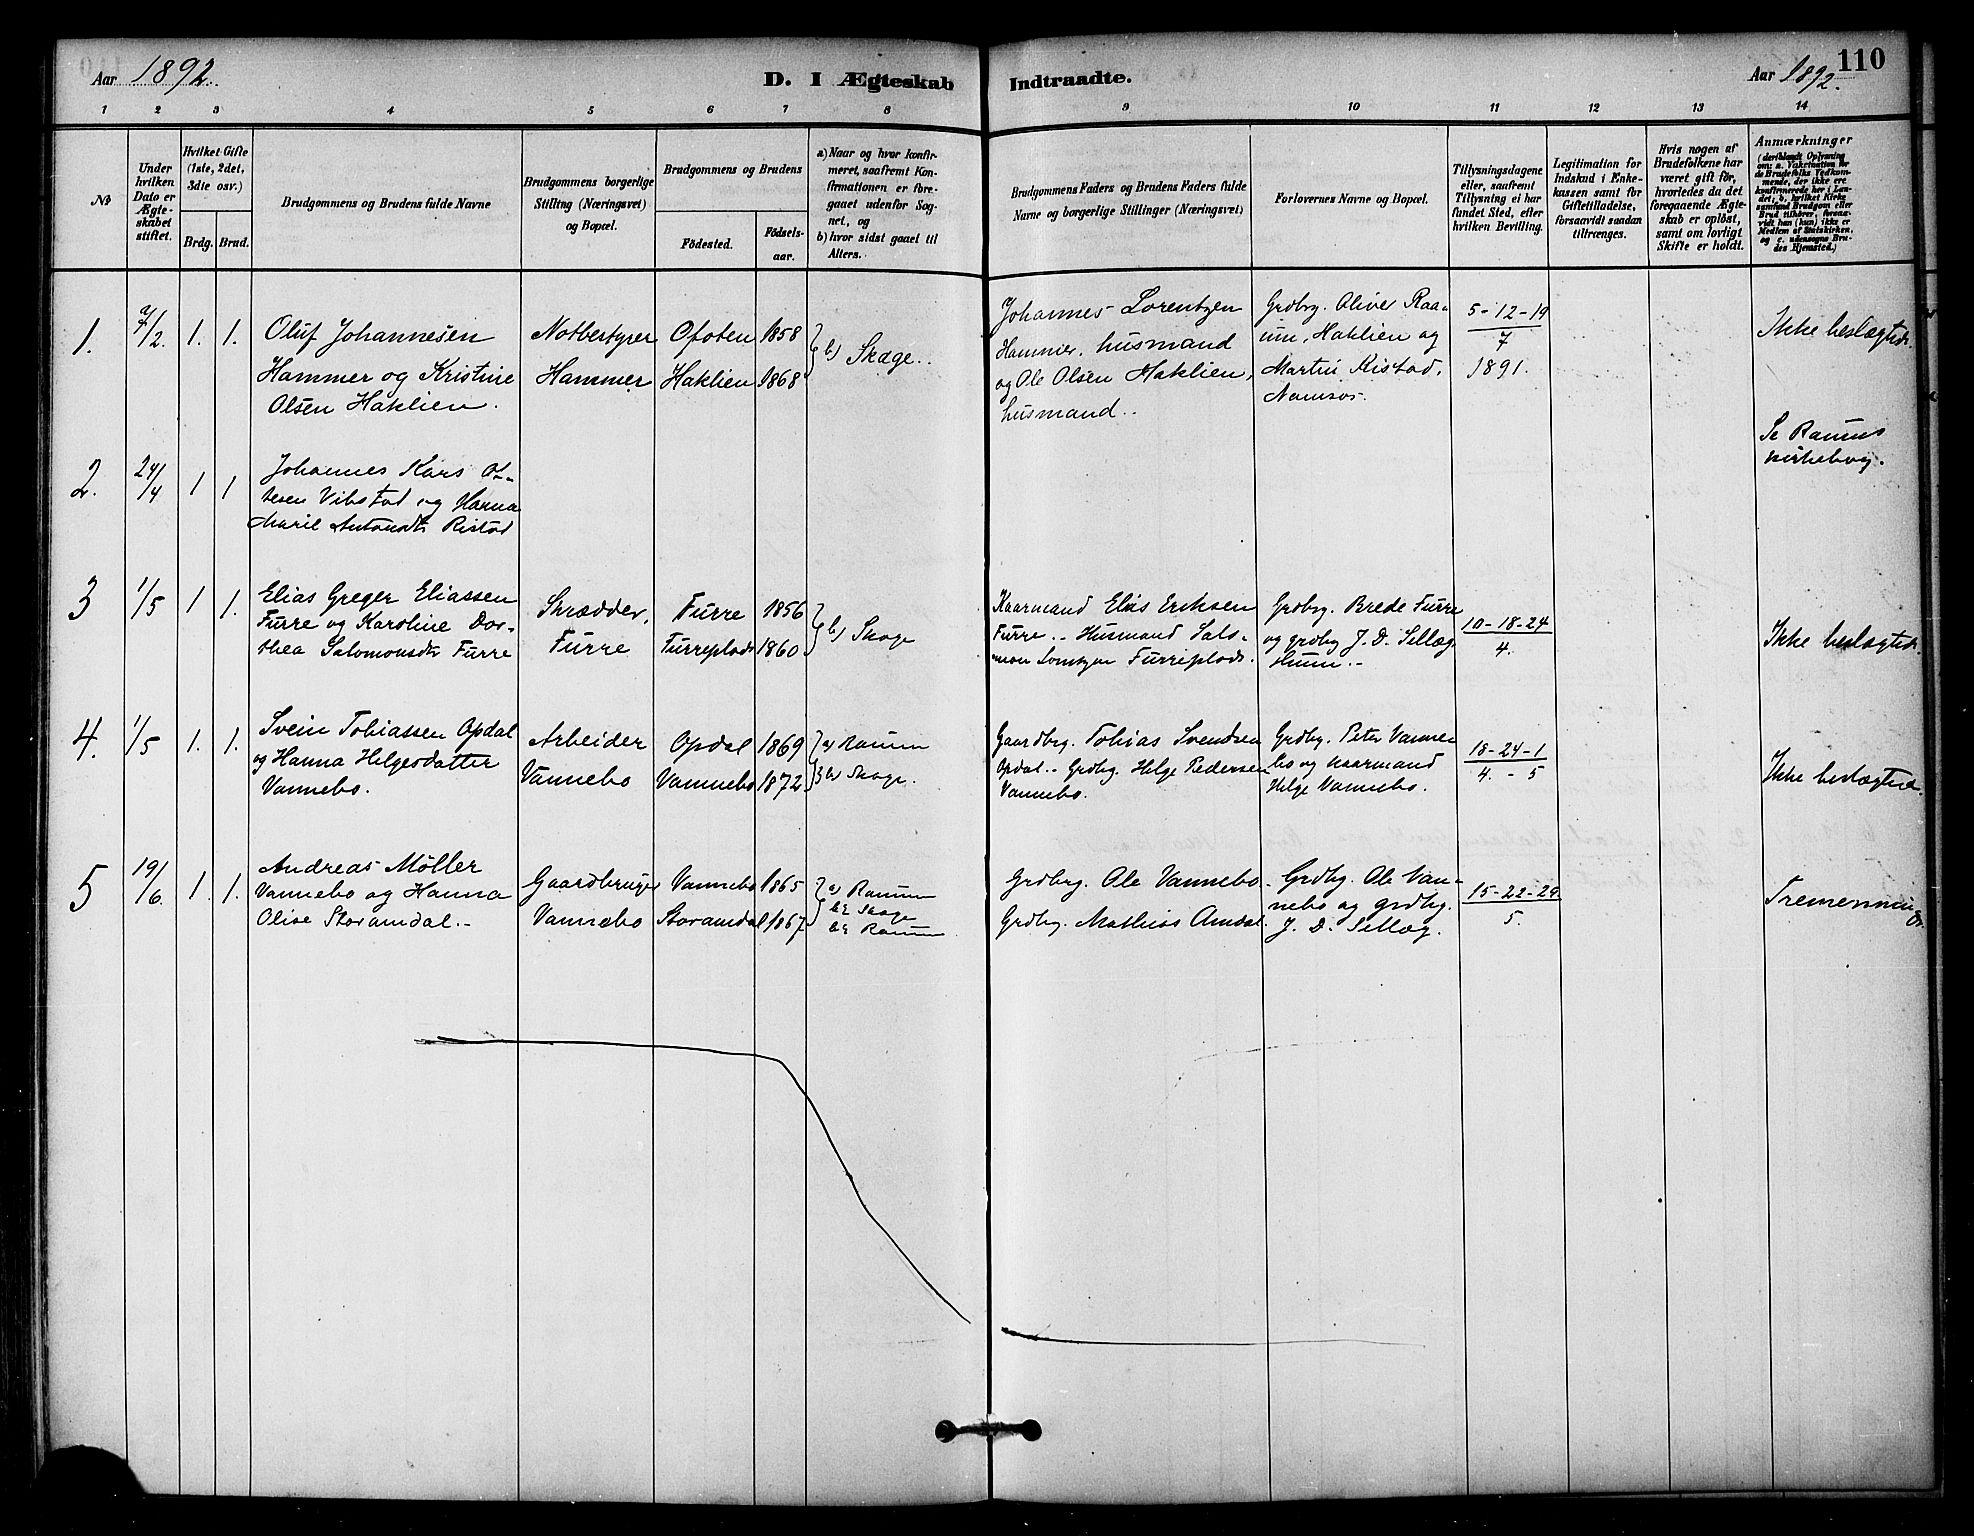 SAT, Ministerialprotokoller, klokkerbøker og fødselsregistre - Nord-Trøndelag, 766/L0563: Ministerialbok nr. 767A01, 1881-1899, s. 110